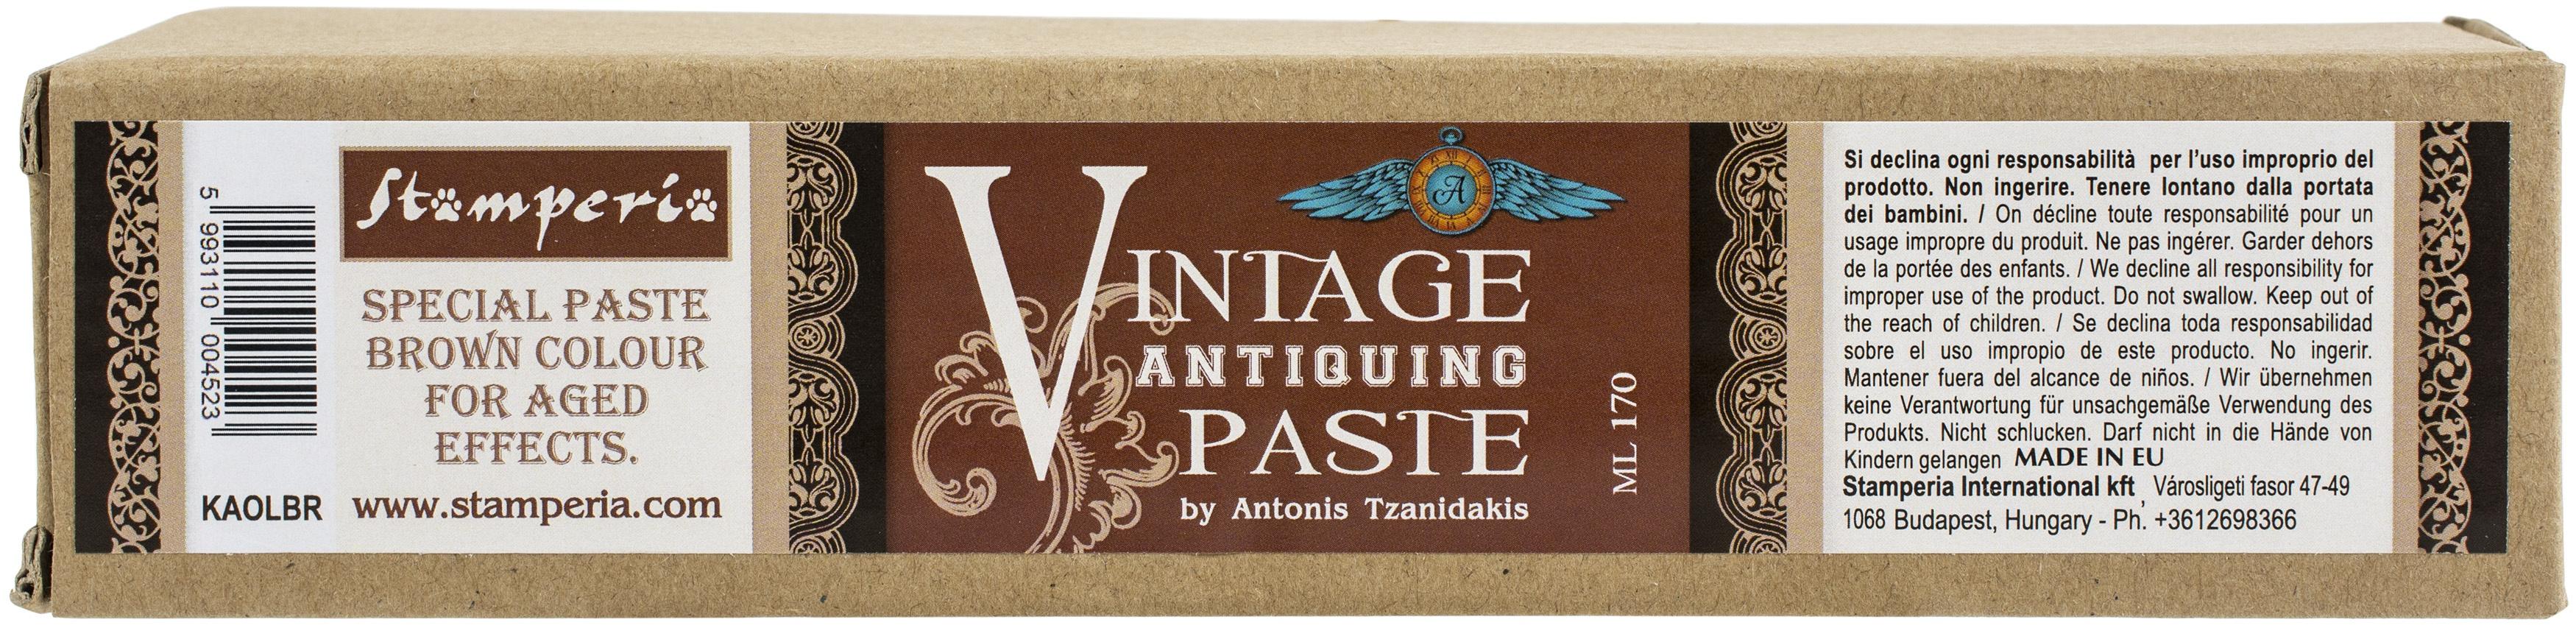 Stamperia Vintage Antiquing Paste Tube 170ml-Brown